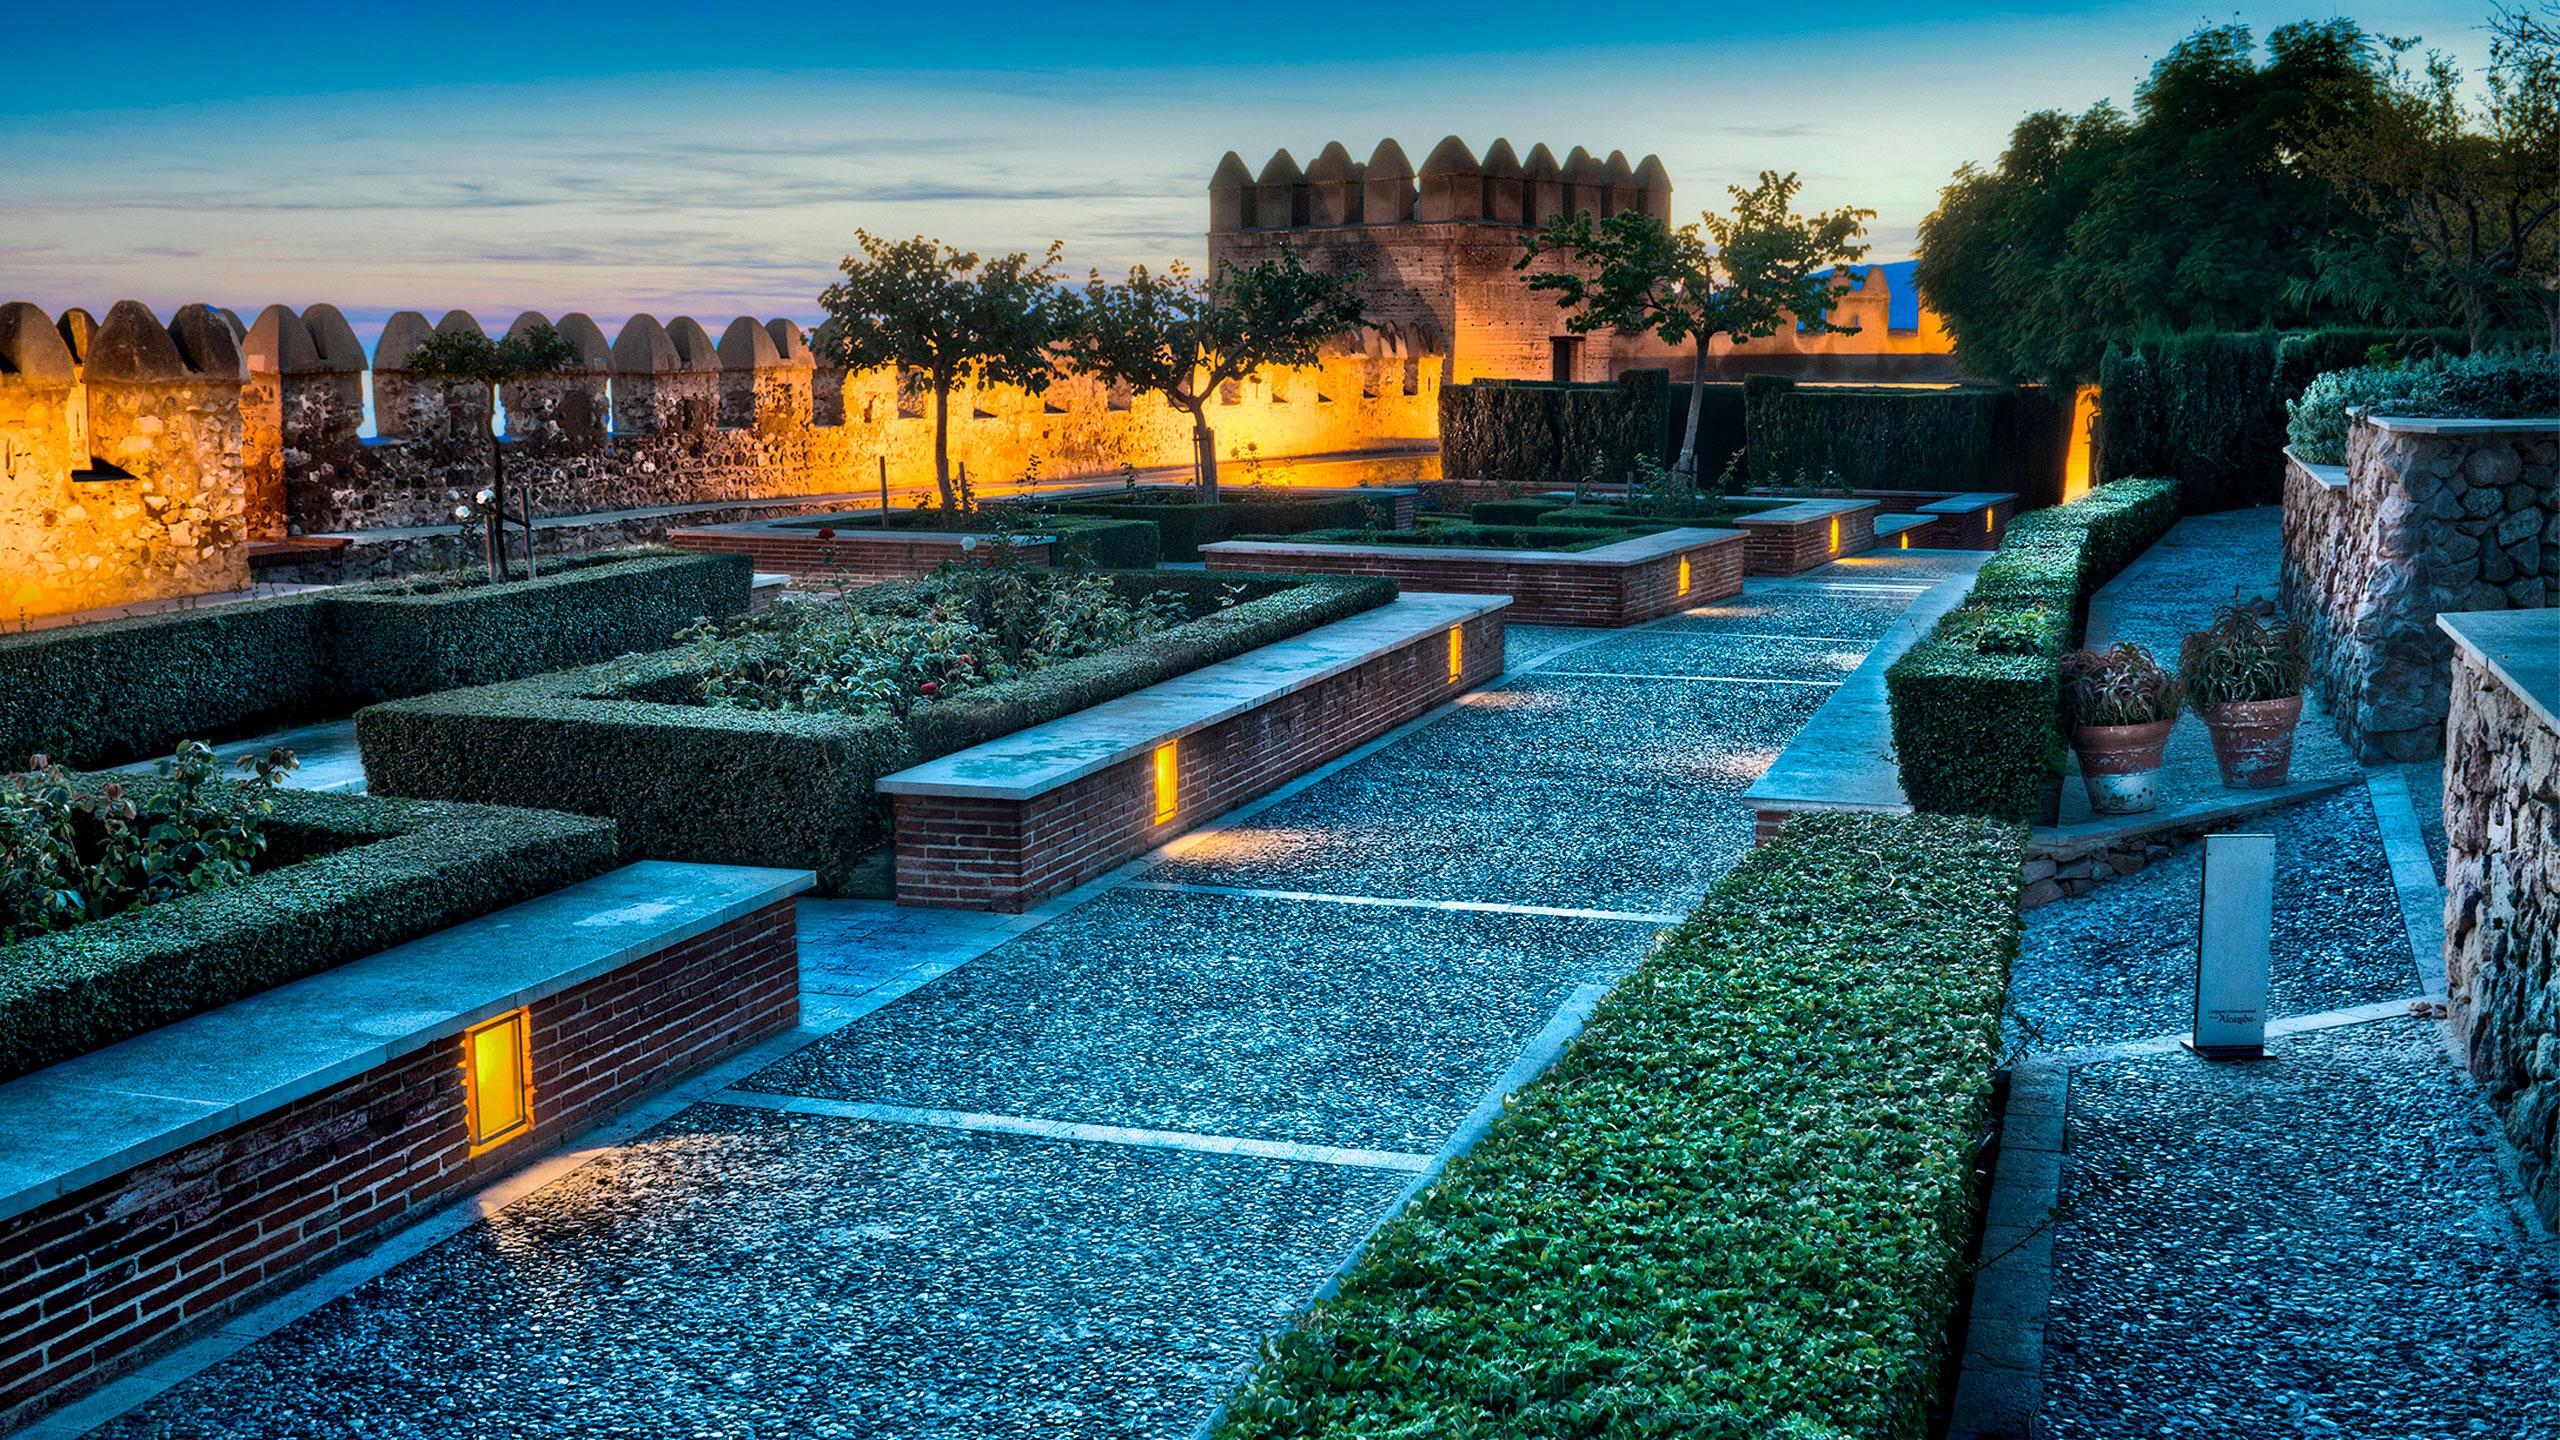 jardines de la alcazaba almeria